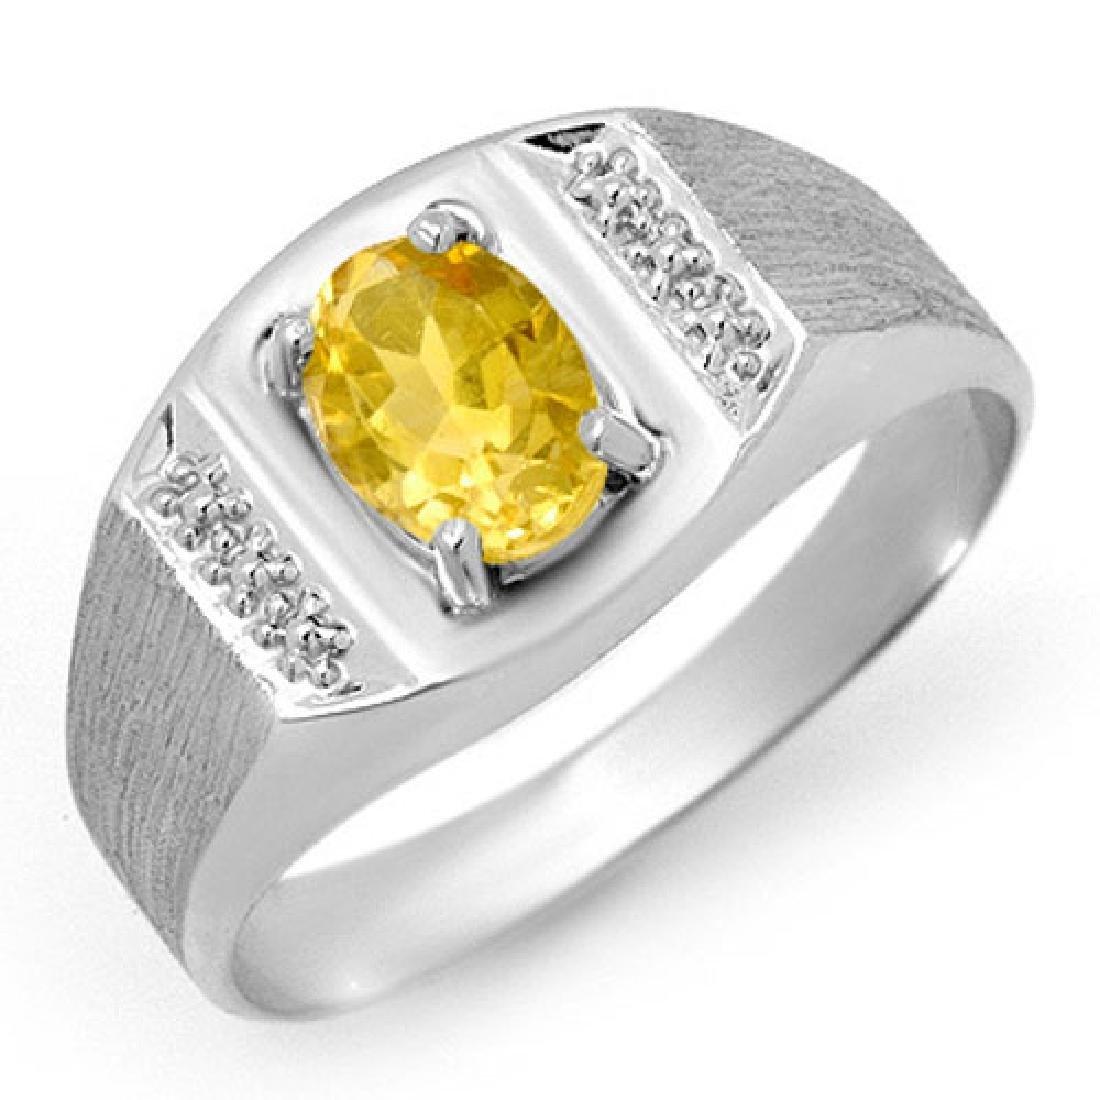 2.0 CTW Citrine Men's Ring 10K White Gold